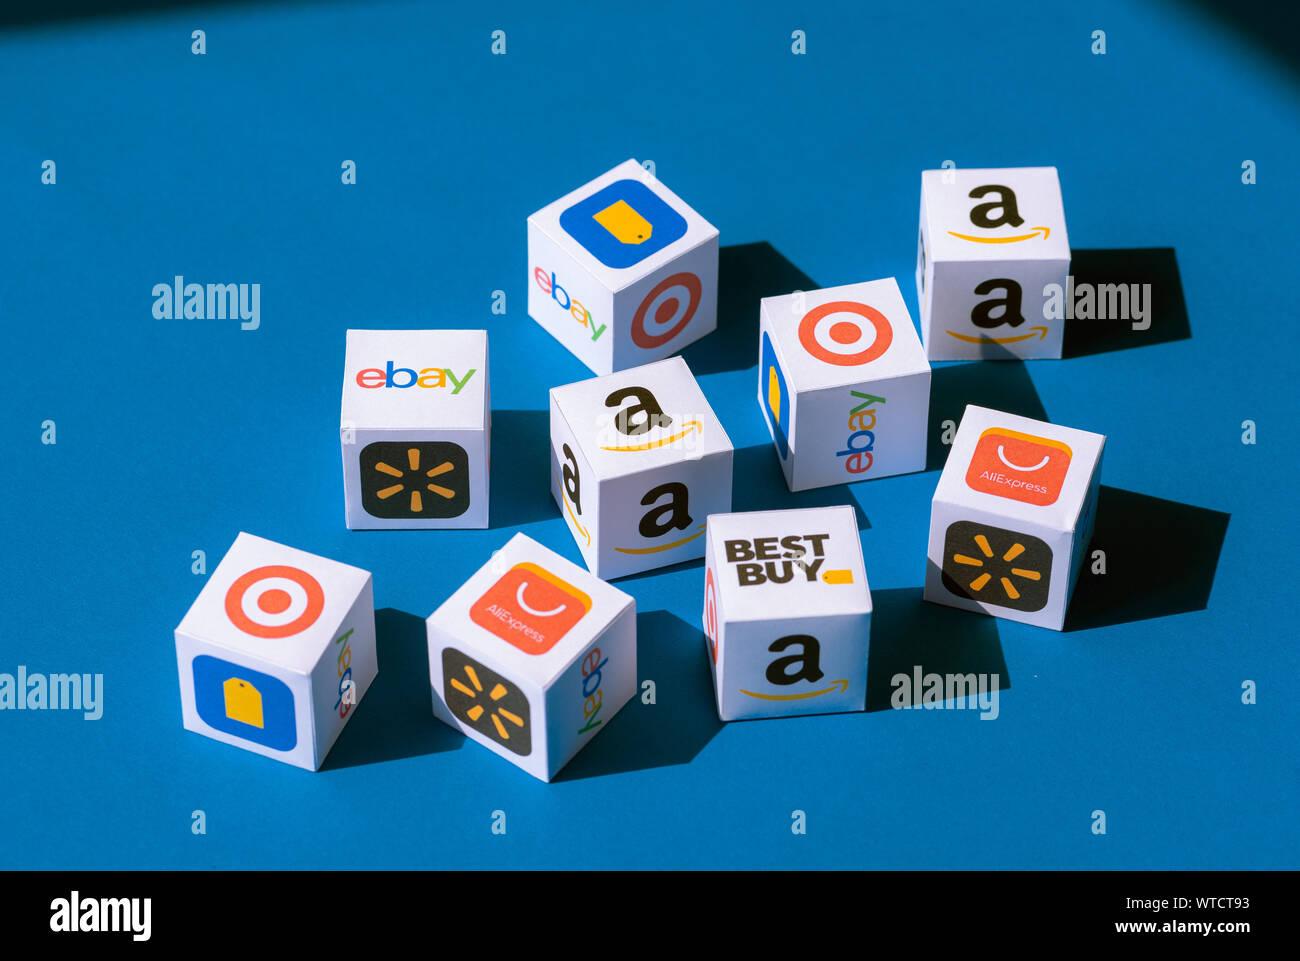 Kiev, Ukraine - le 10 septembre 2019: une collection de cubes de papier imprimé avec des logos de sociétés de commerce électronique en ligne et magasins de détail. Banque D'Images